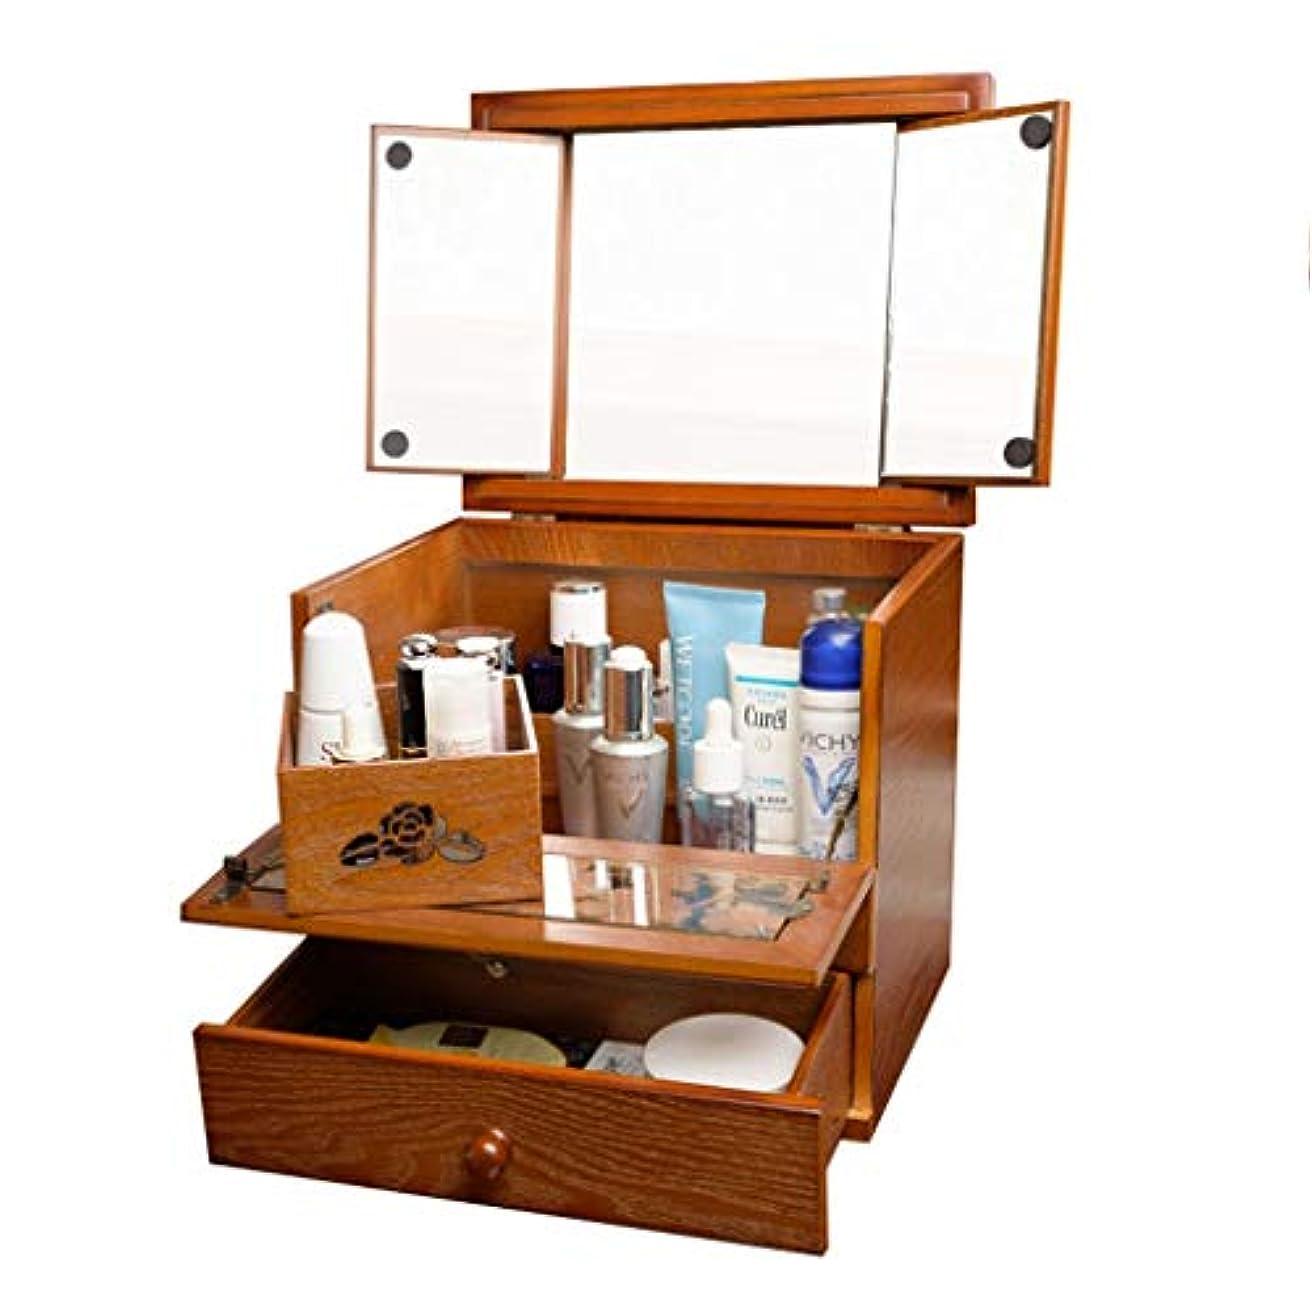 癌宝またね家庭用化粧品収納ボックス木製大容量化粧品ボックス小さな化粧台ミラー付き (Color : BROWN, Size : 27.5X22.5X32.5CM)